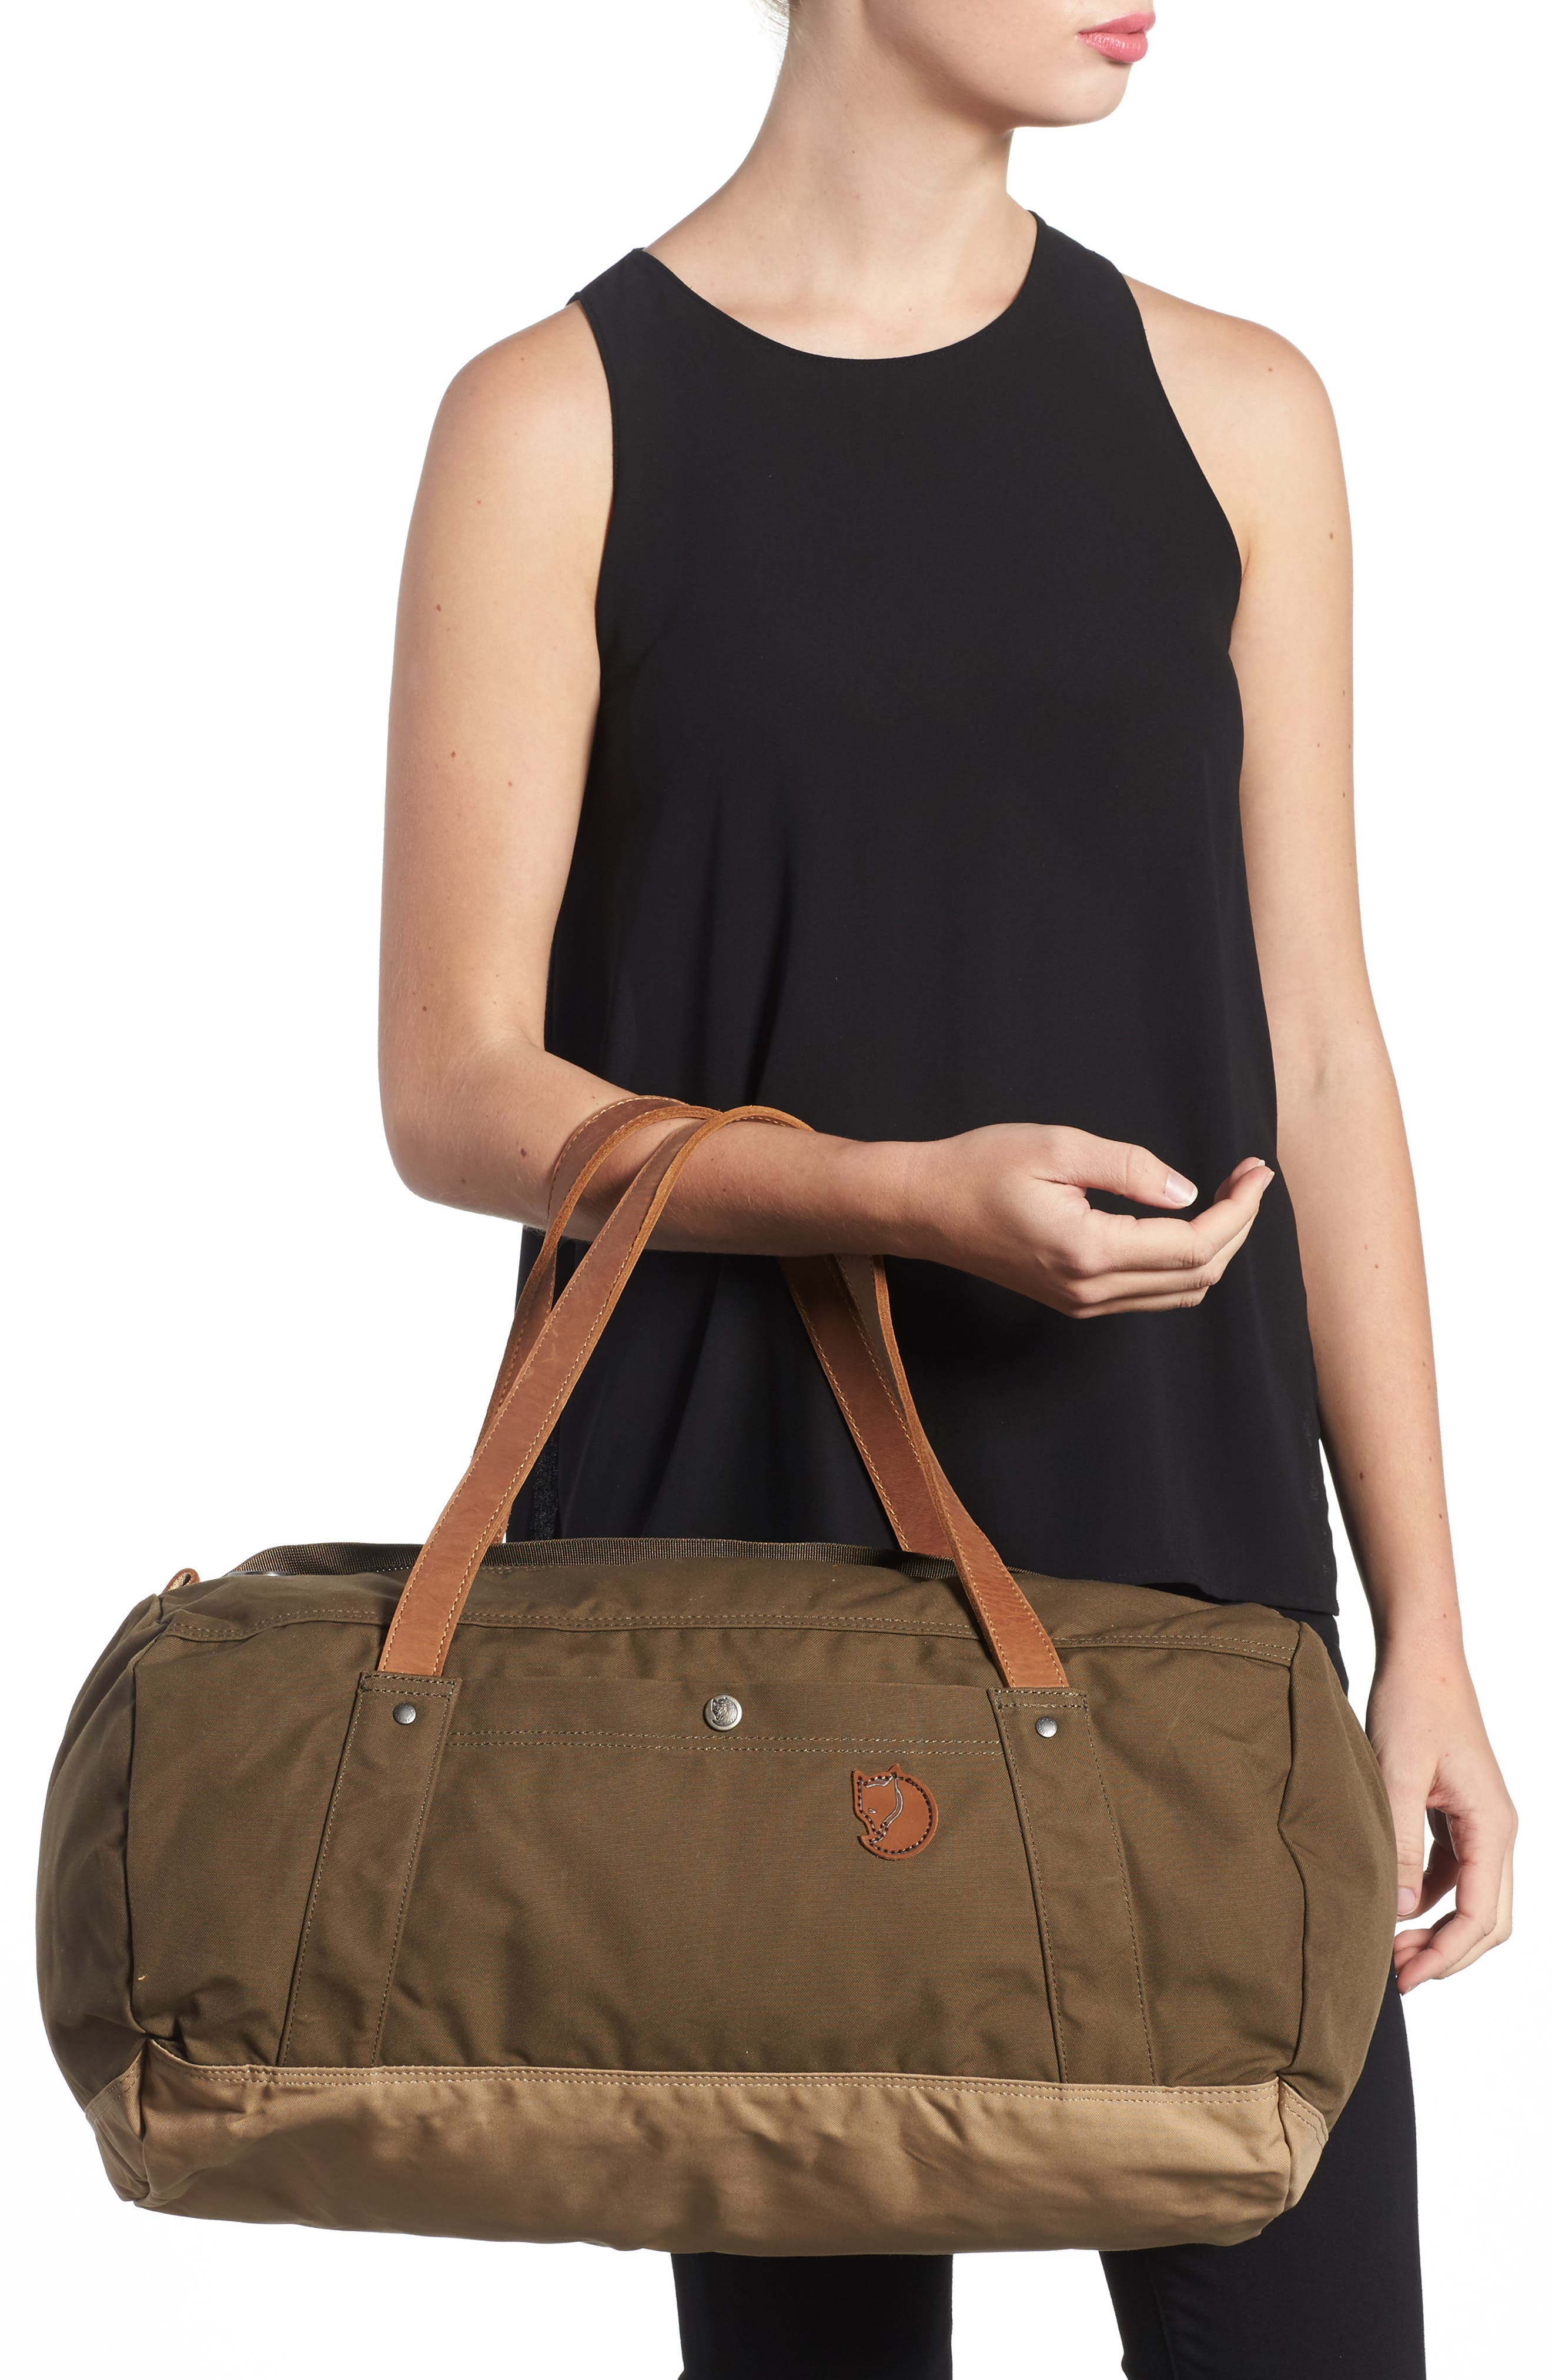 'Duffel No.4' Water Resistant Duffel Bag,                             Alternate thumbnail 2, color,                             283